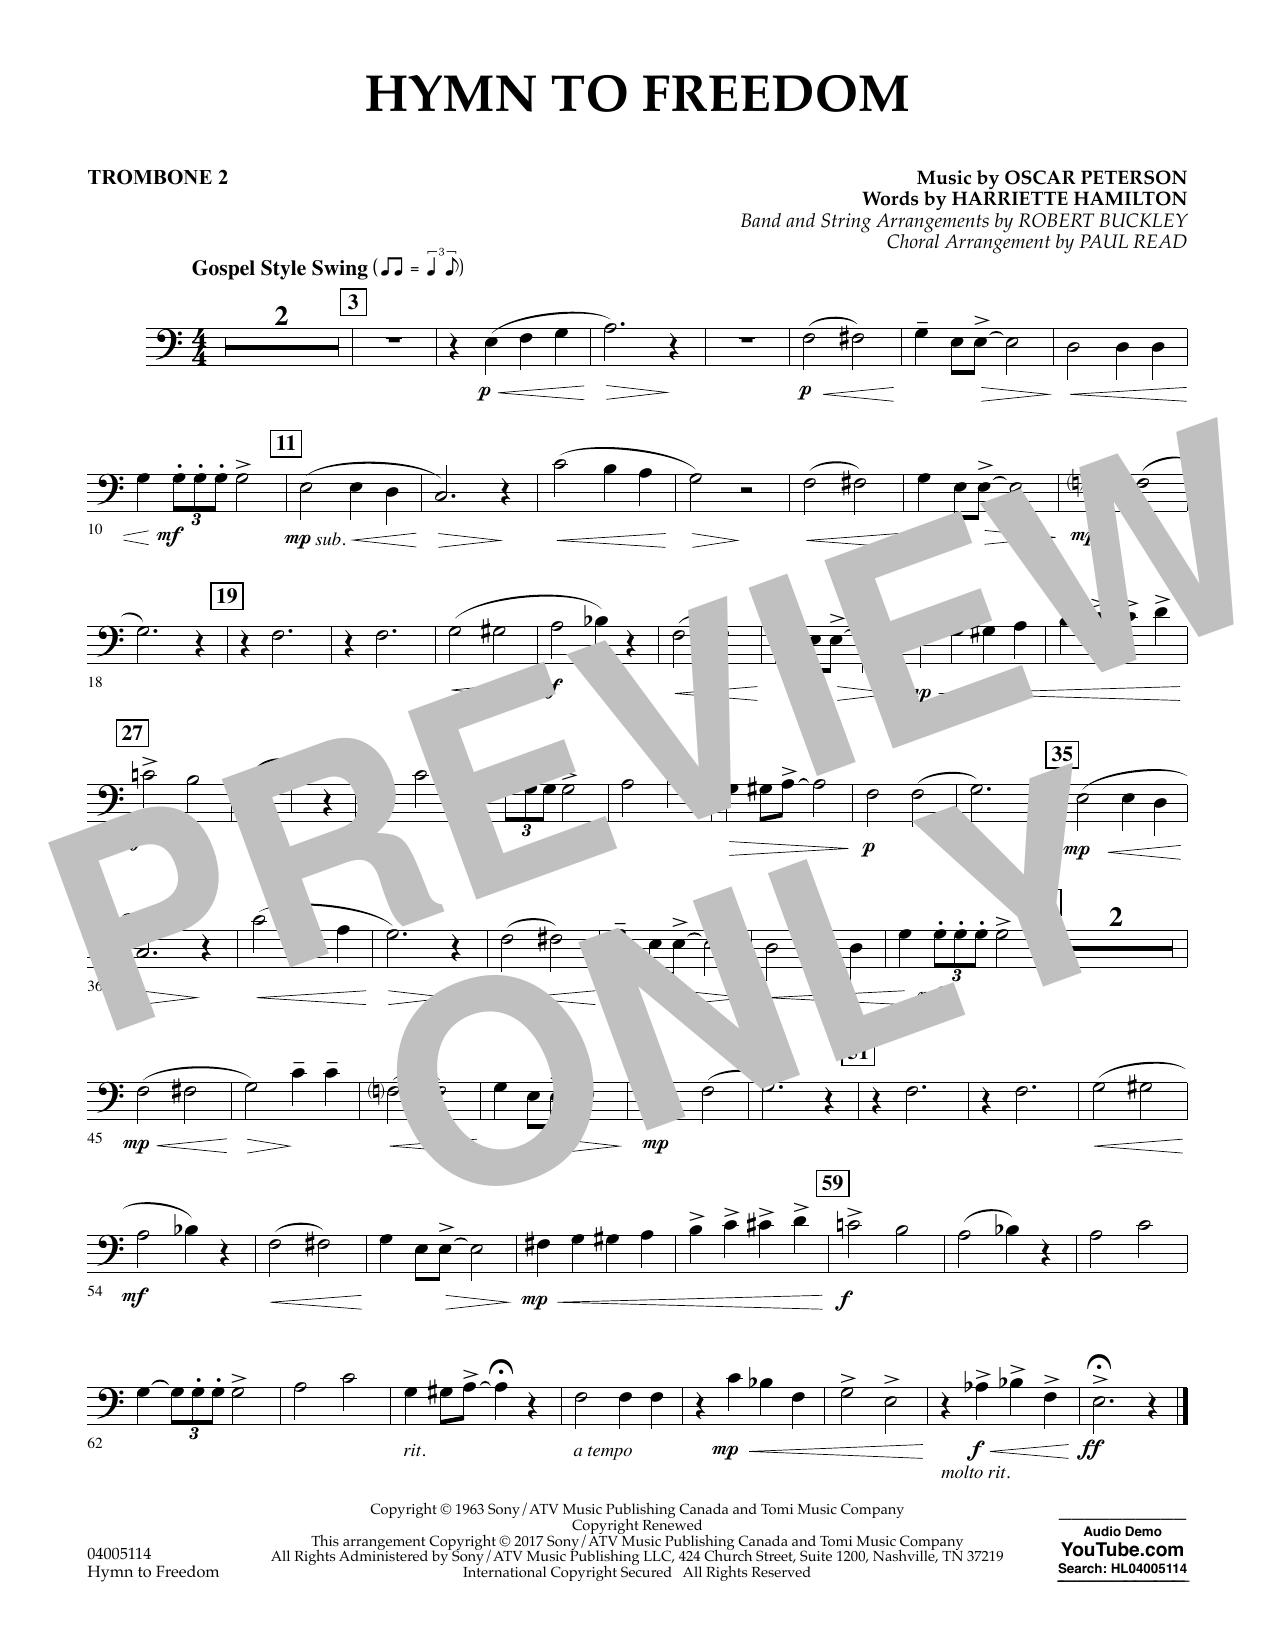 Hymn to Freedom - Trombone 2 (Flex-Band)